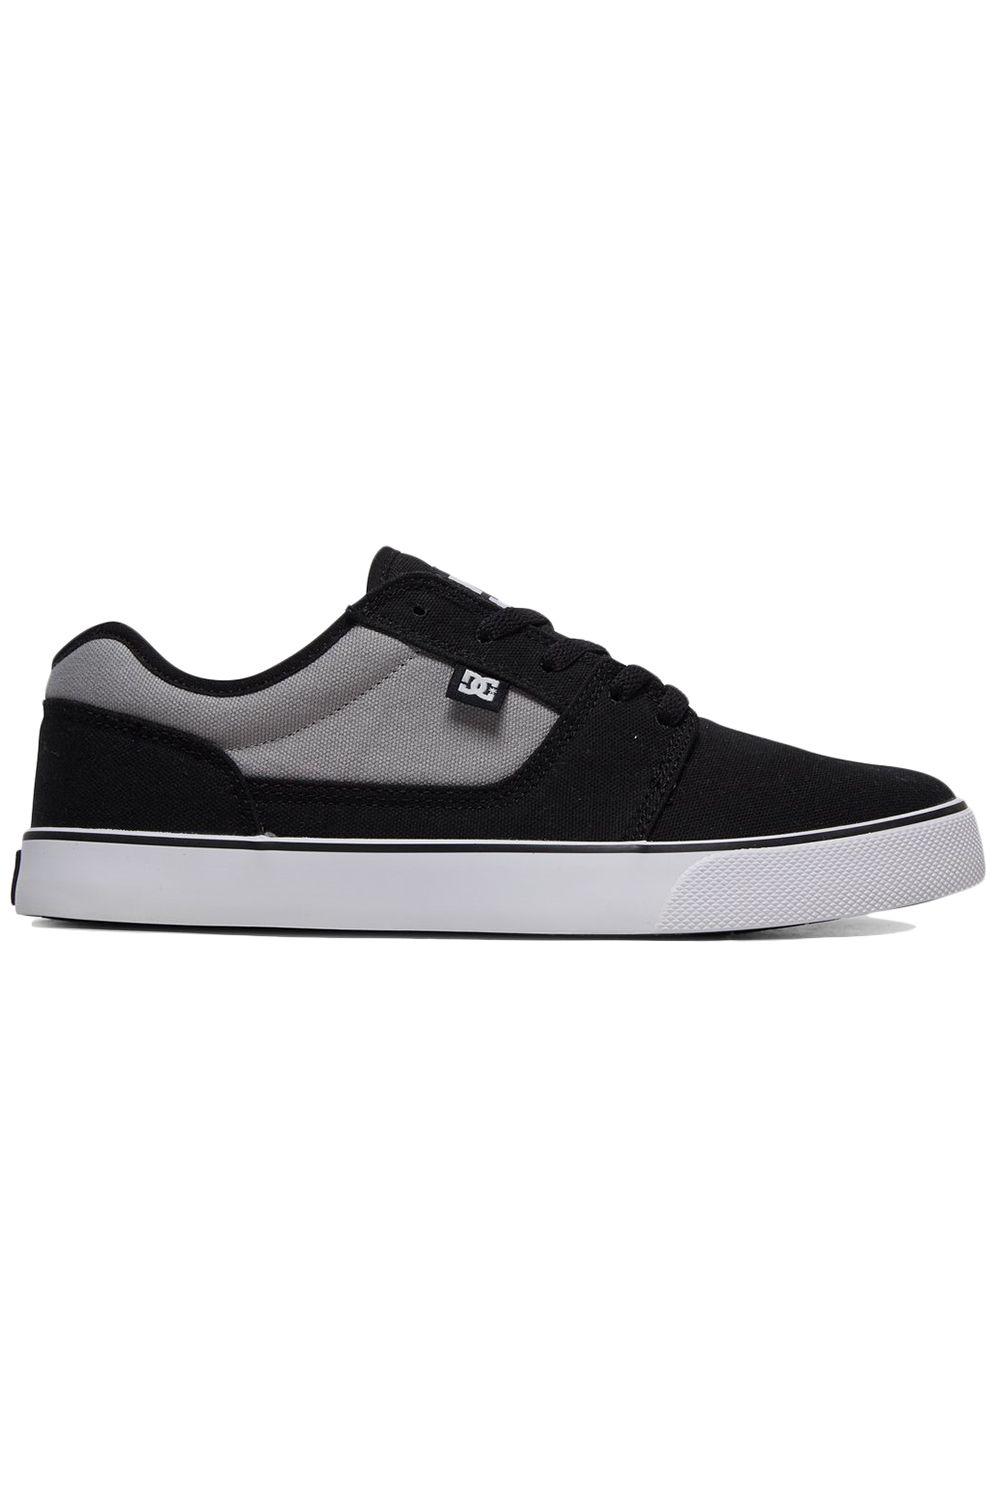 Tenis DC Shoes TONIK TX Black/Grey/White